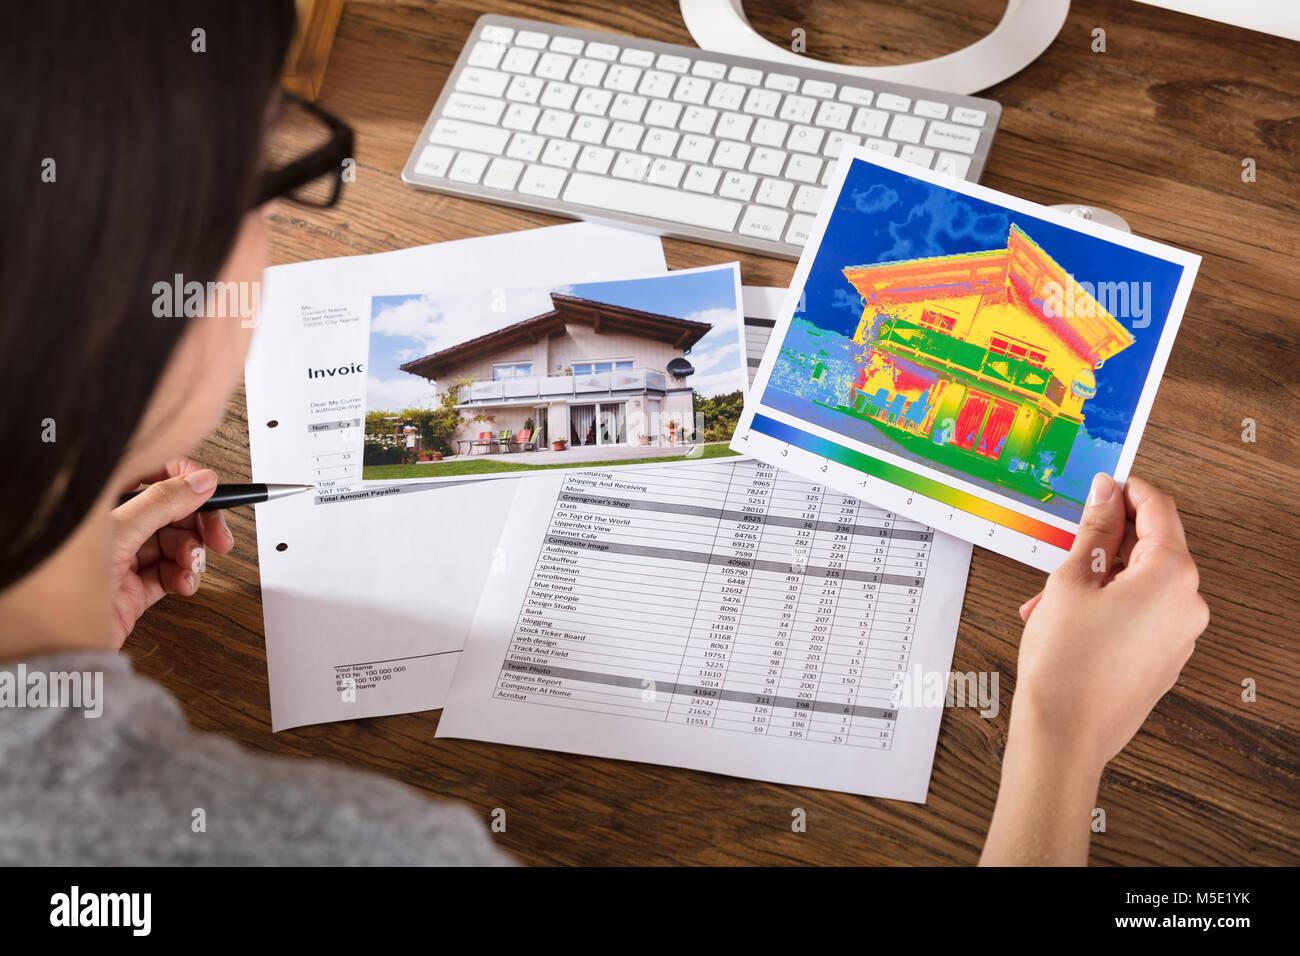 Close-up di una persona analizzando la perdita di calore e l'efficienza energetica di una casa Immagini Stock